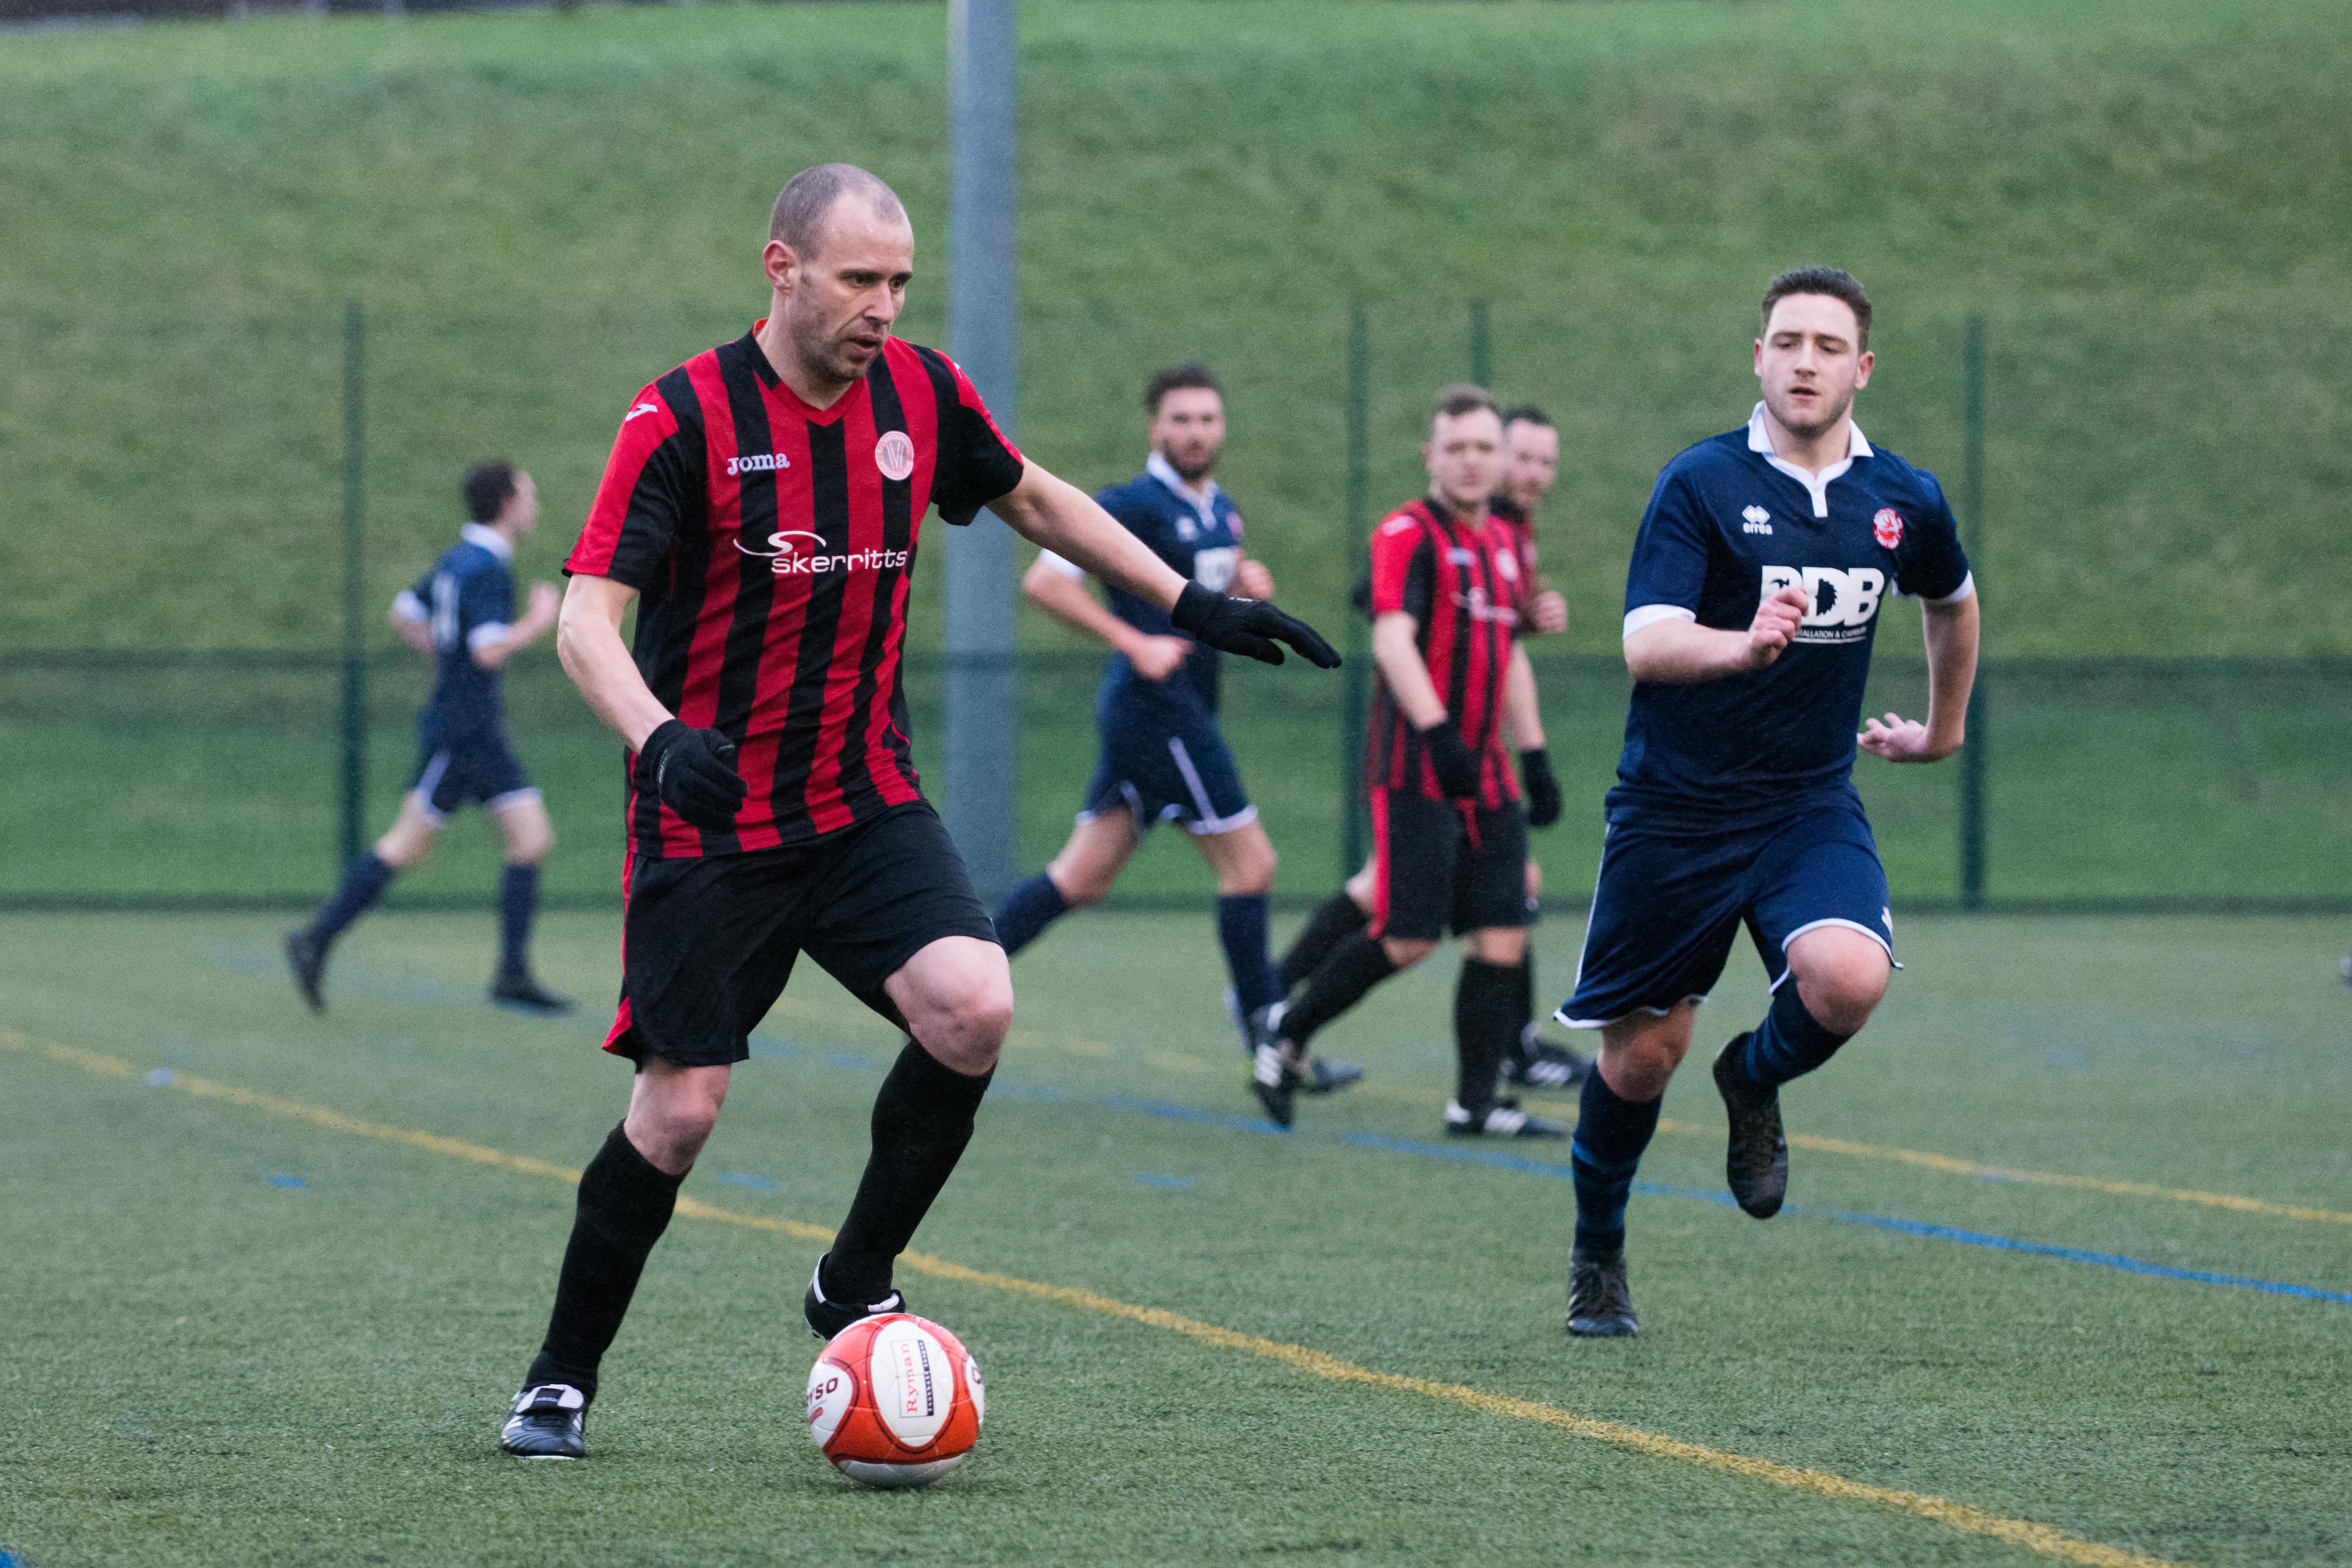 AFC Varndeanians Res vs Arundel FC Res 10.02.18 55